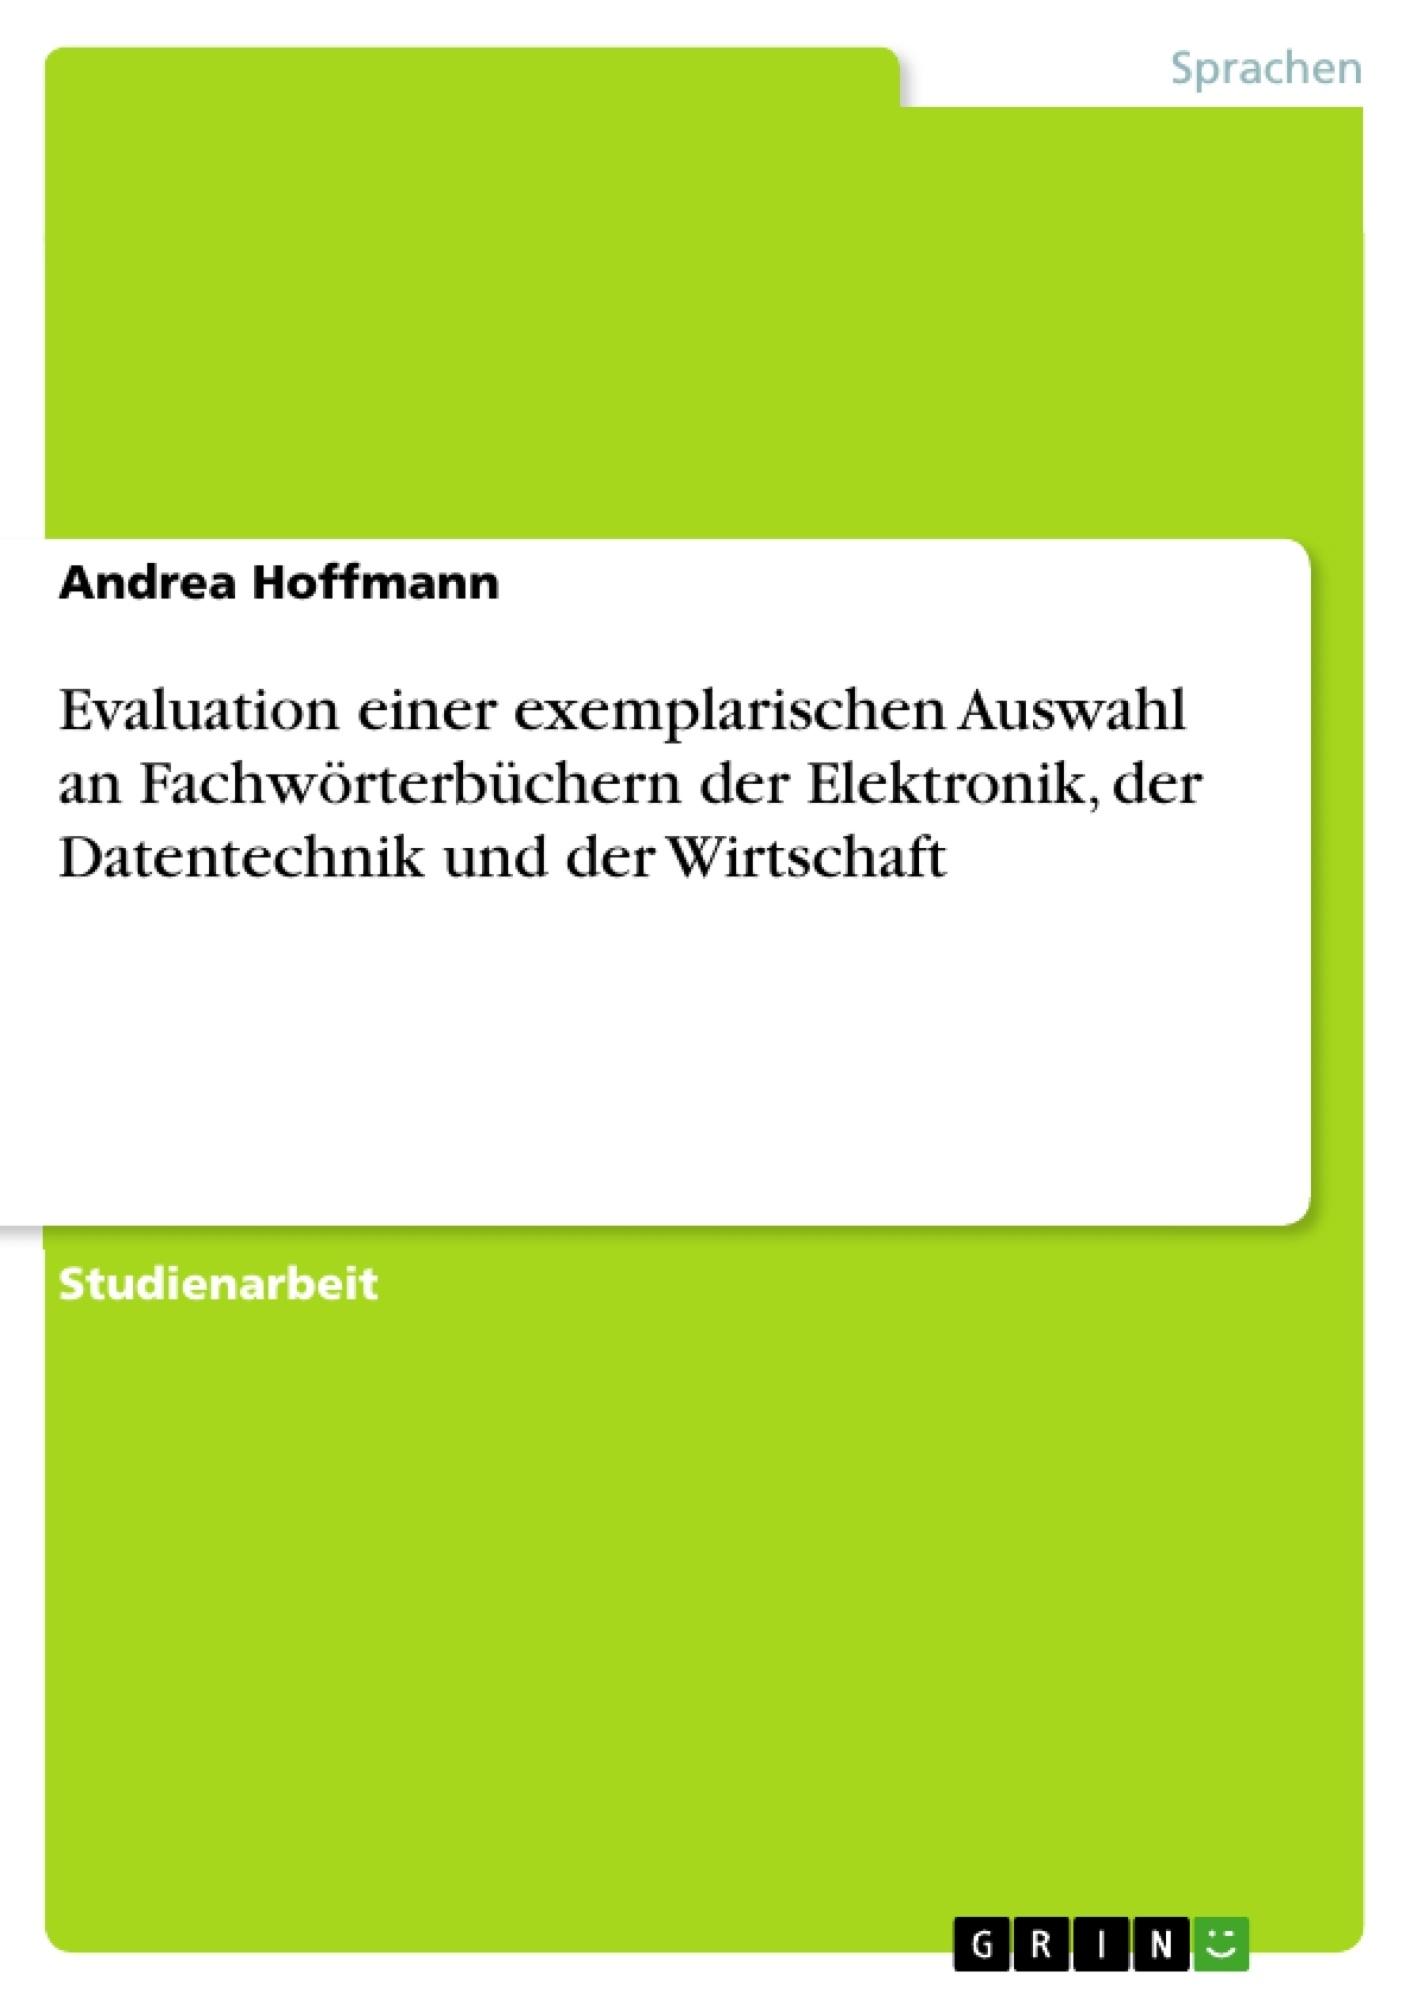 Titel: Evaluation einer exemplarischen Auswahl an Fachwörterbüchern der Elektronik, der Datentechnik und der Wirtschaft